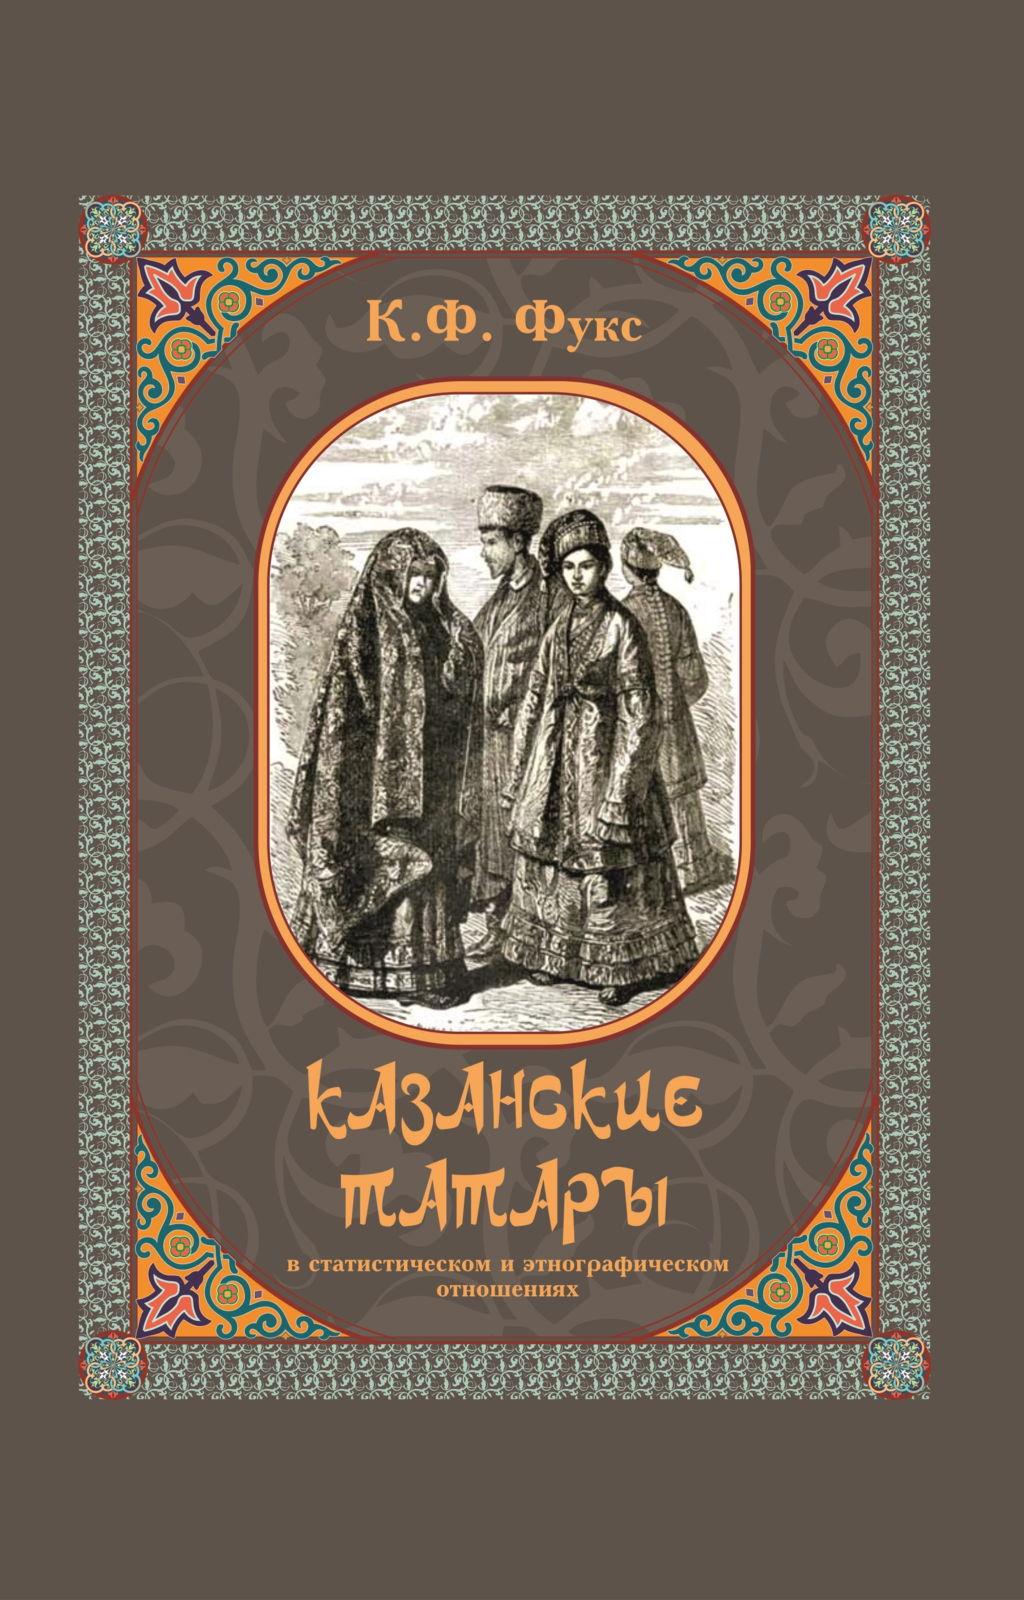 Фукс, К. Ф. Казанские татары в статистическом и этнографическом отношениях